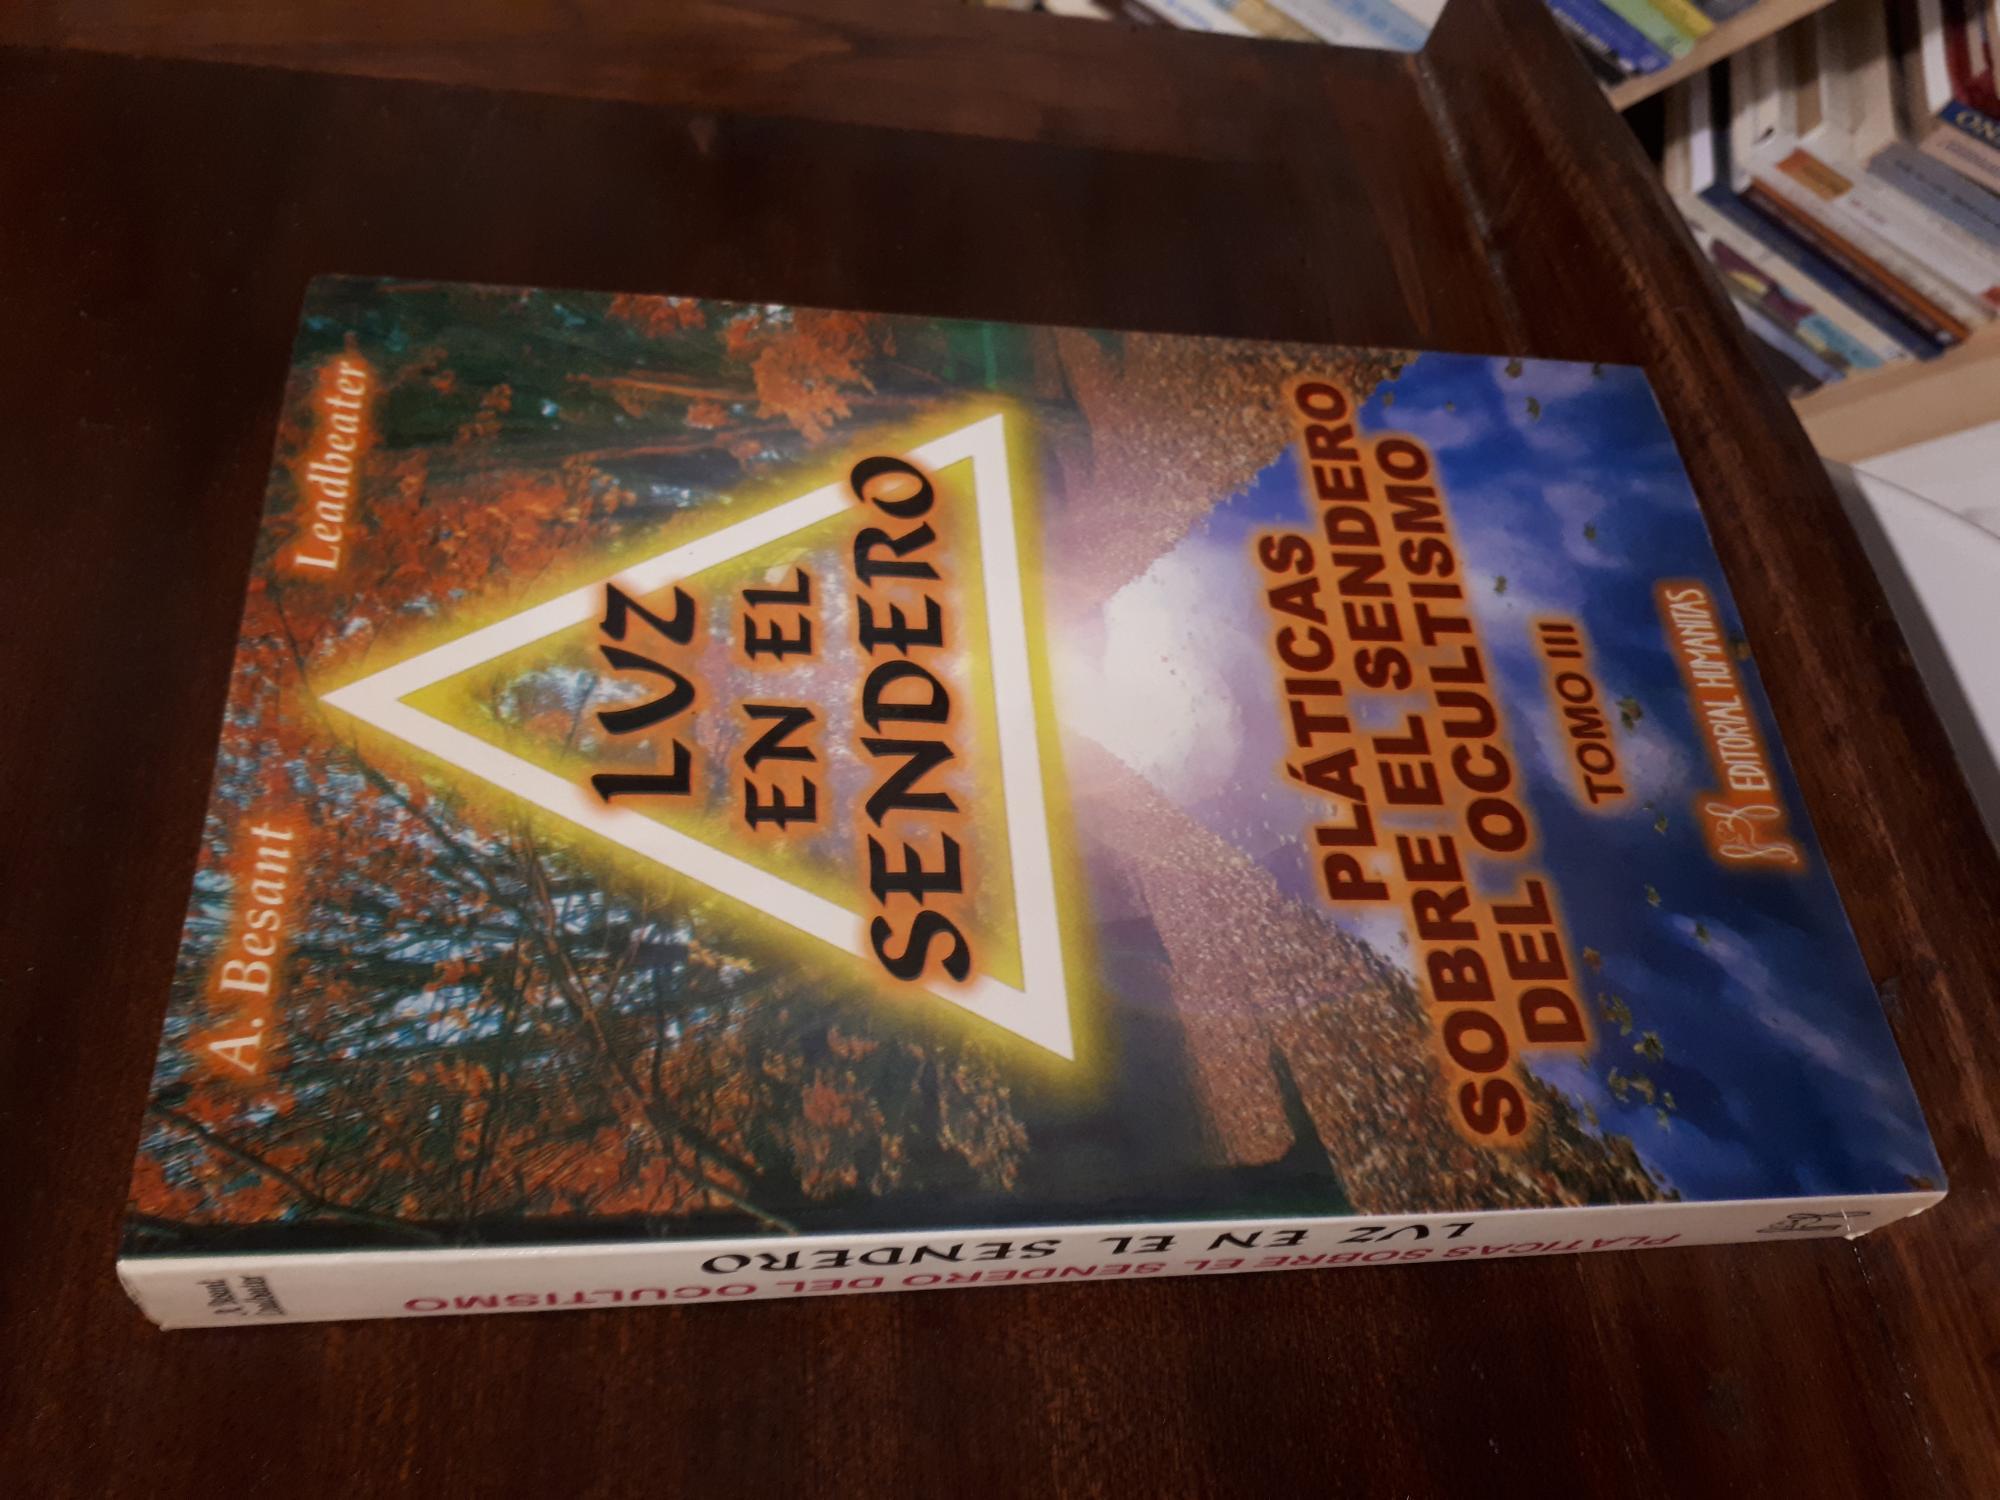 Luz en el sendero. Pláticas sobre el sendero del ocultismo tomo III - A.Besant y C.W.Leadbeater